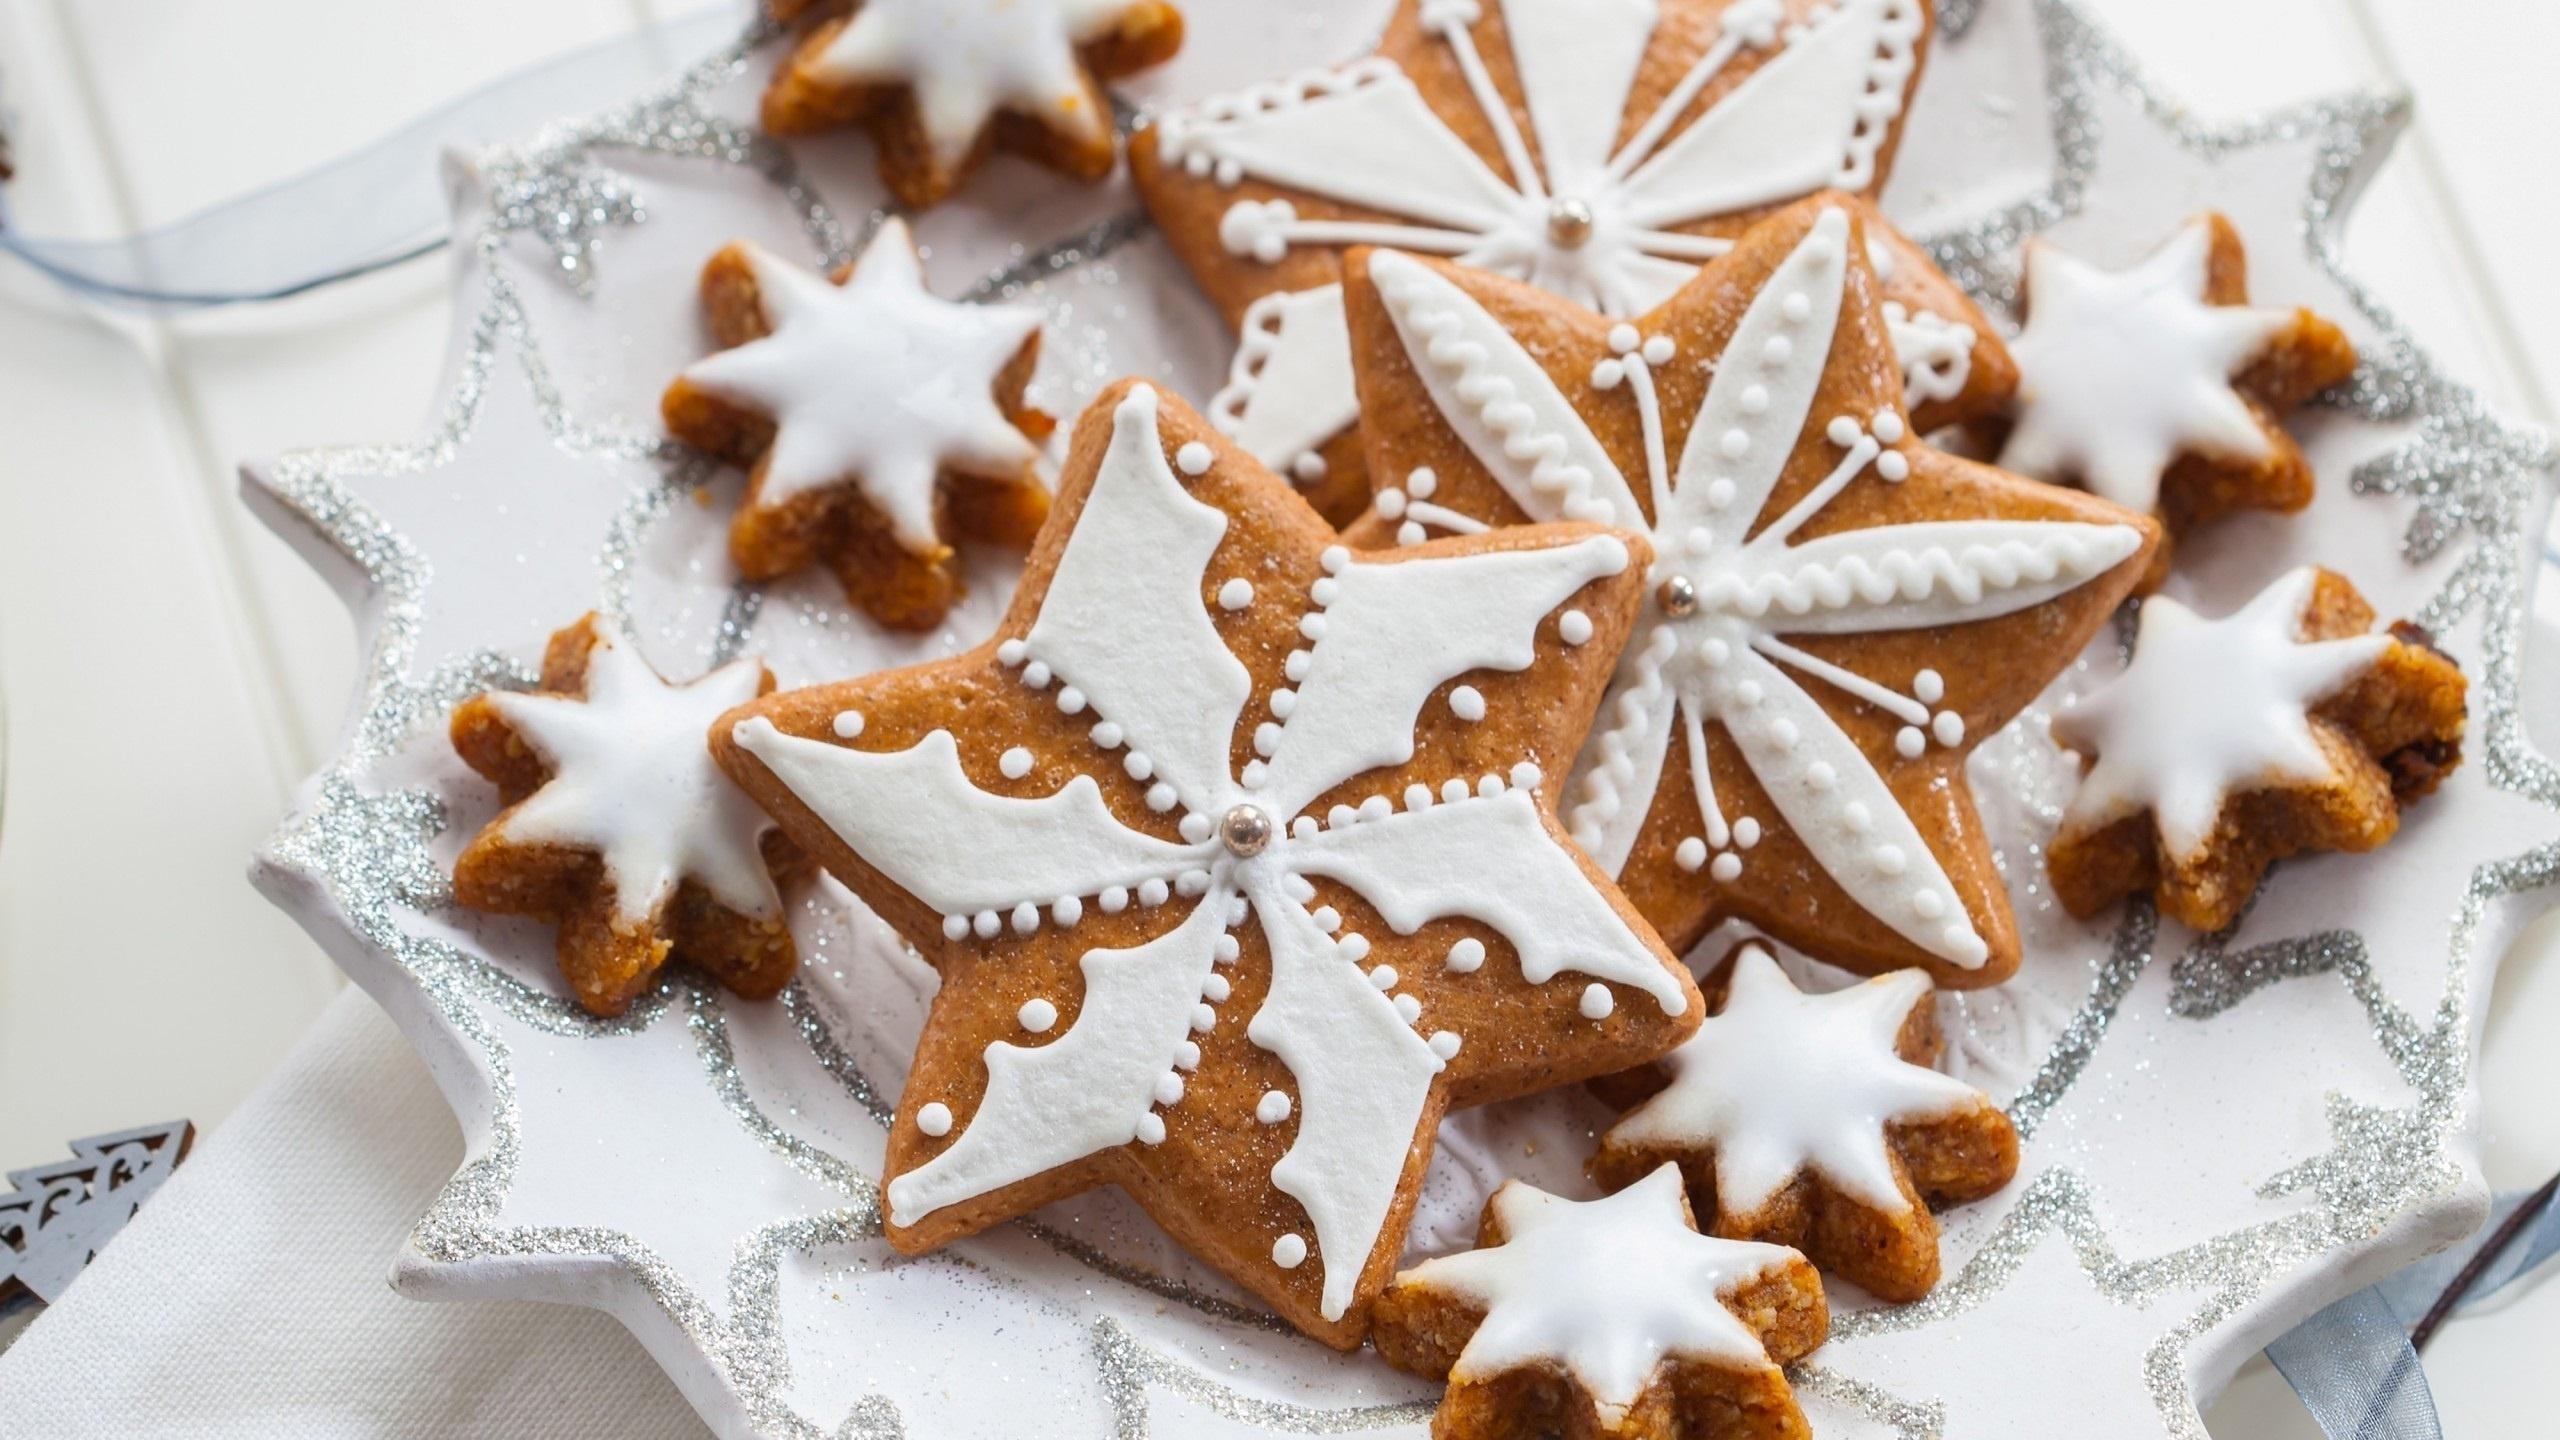 картинки новый год печеньки описанные правила будут